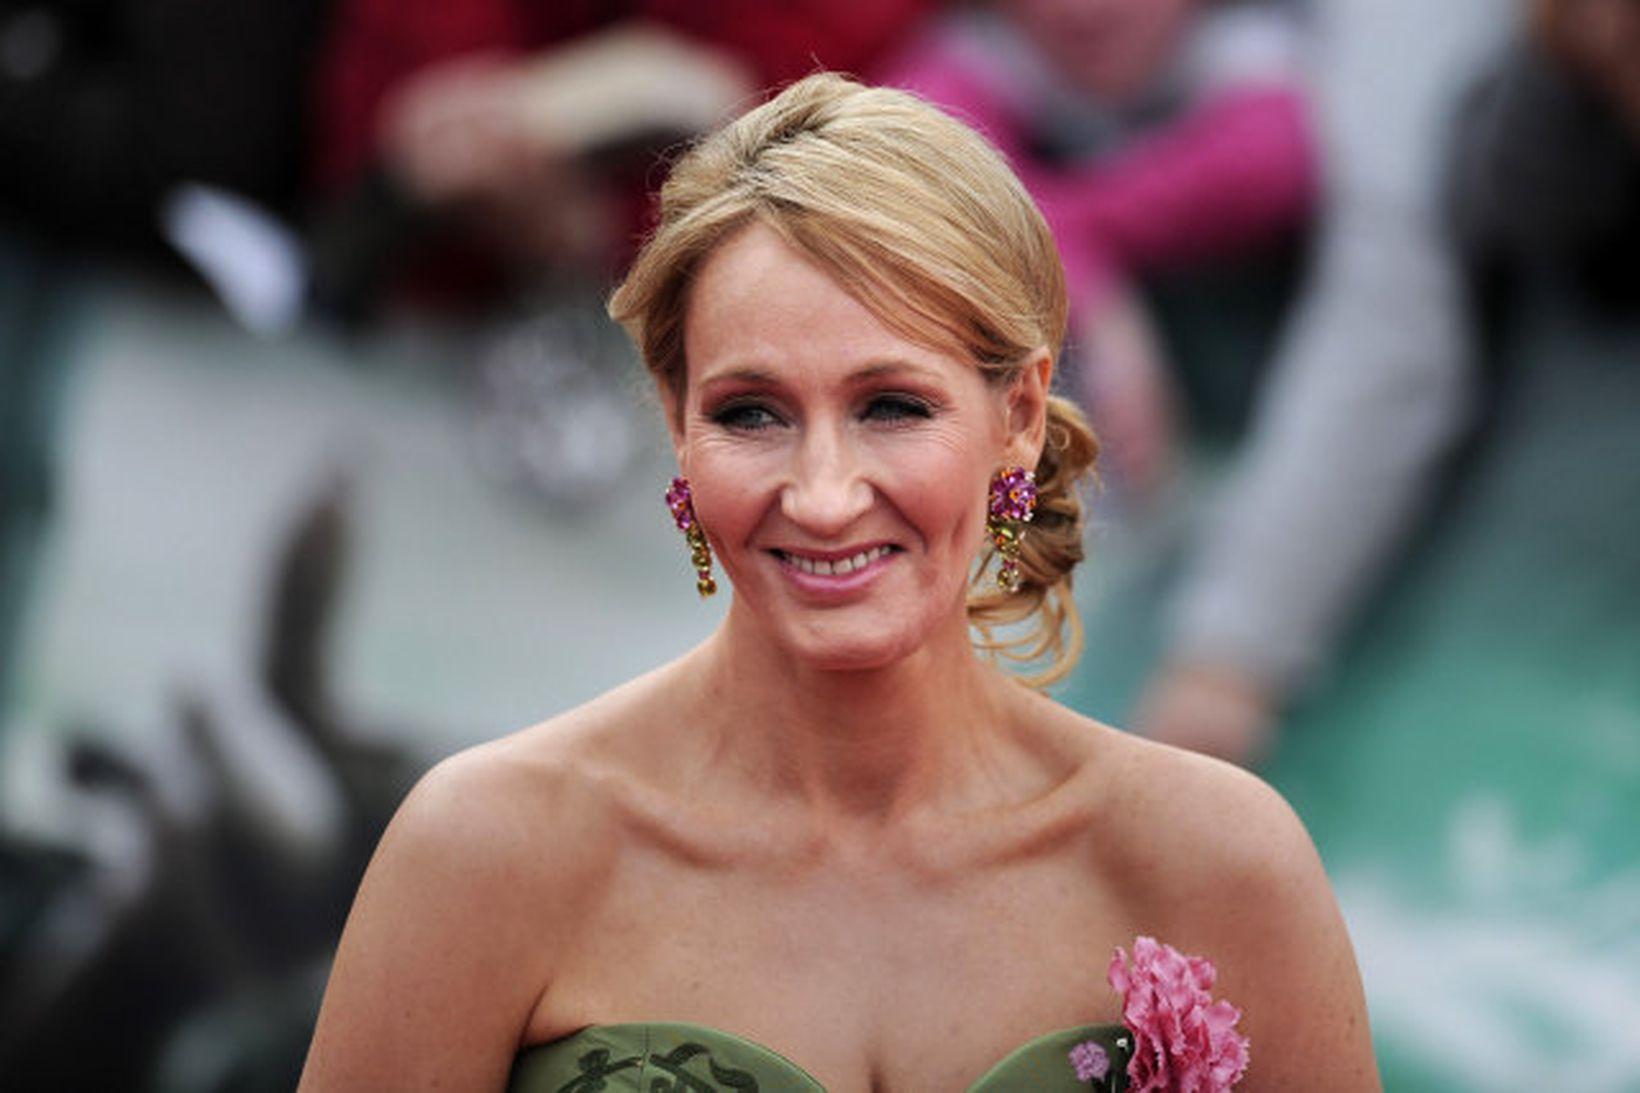 Breski rithöfundurinn J. K. Rowling.